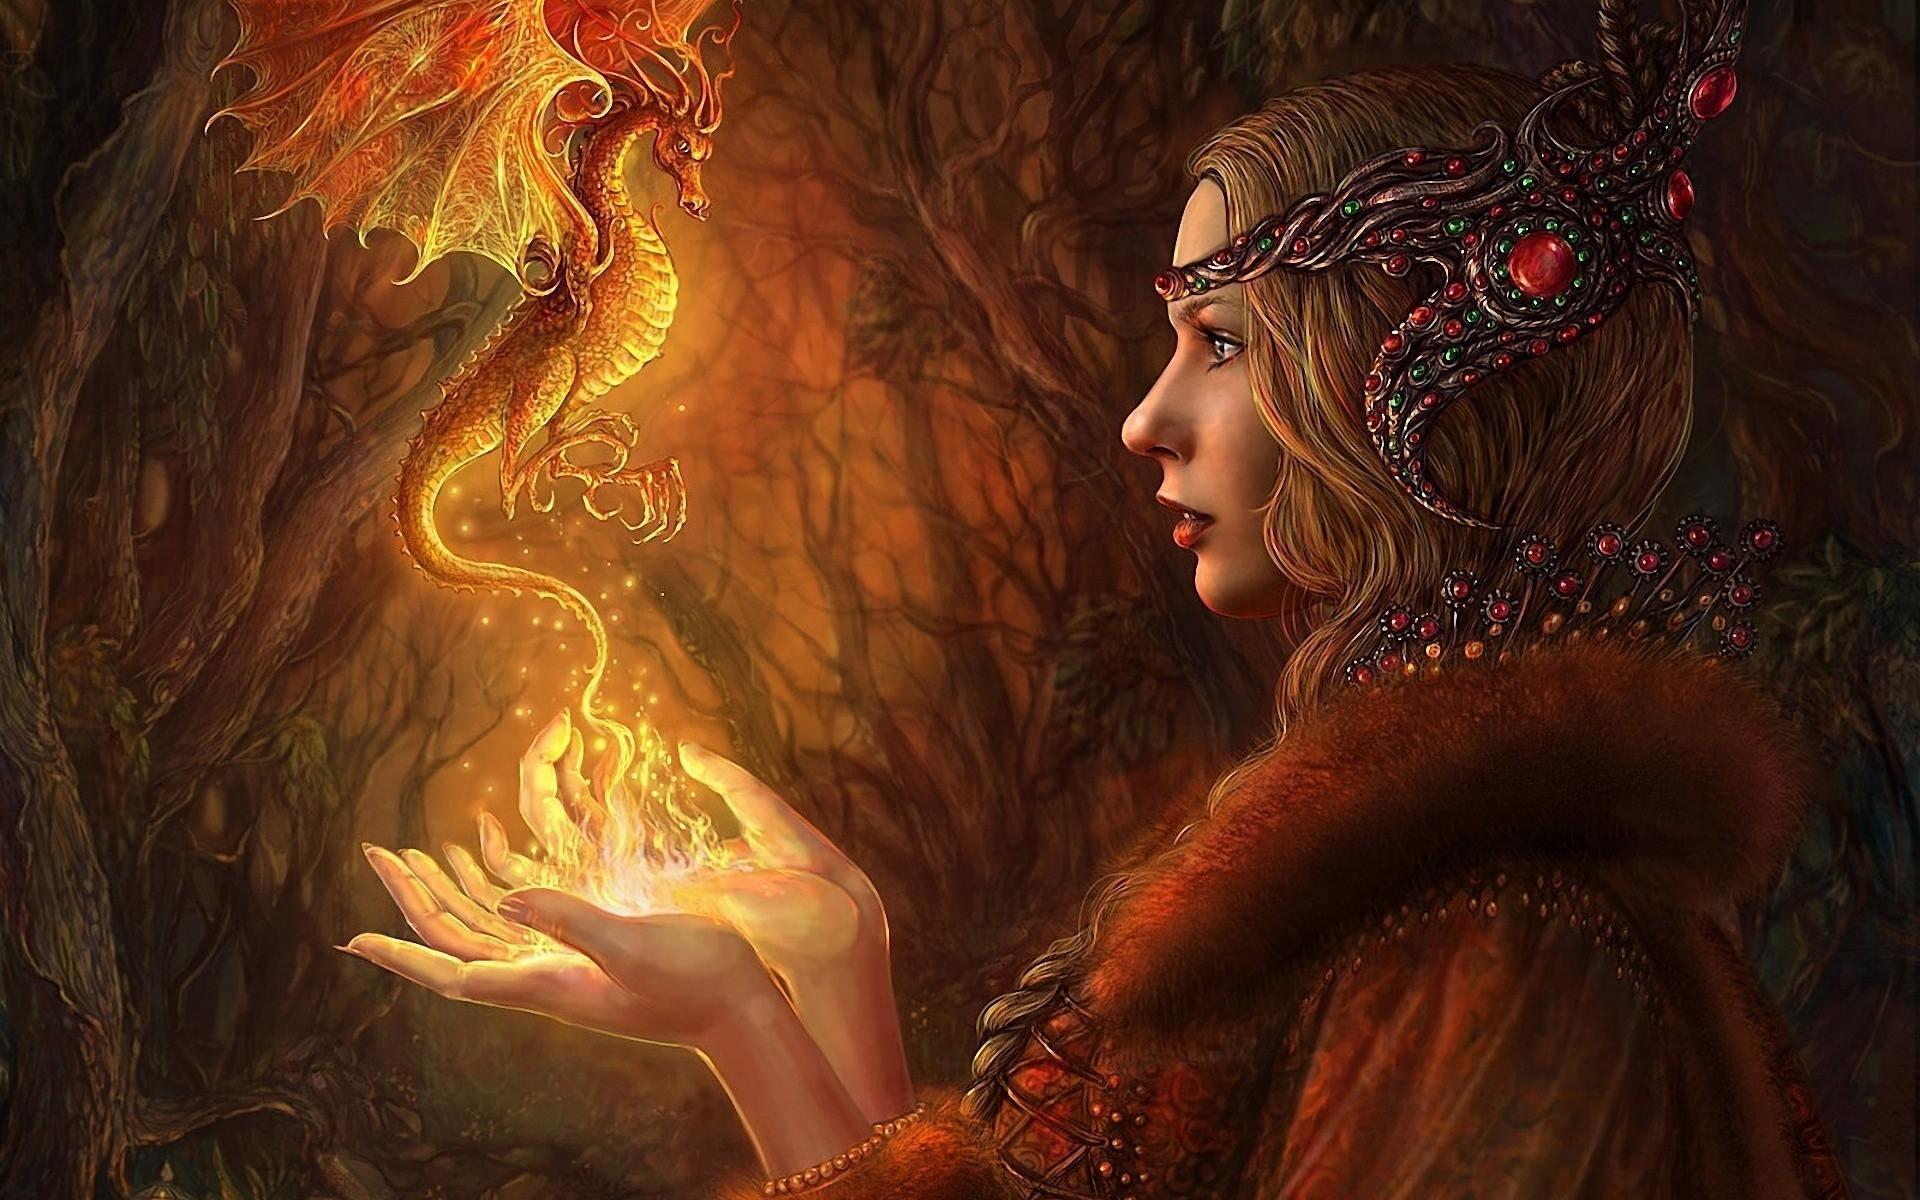 Картинки волшебницы красивой